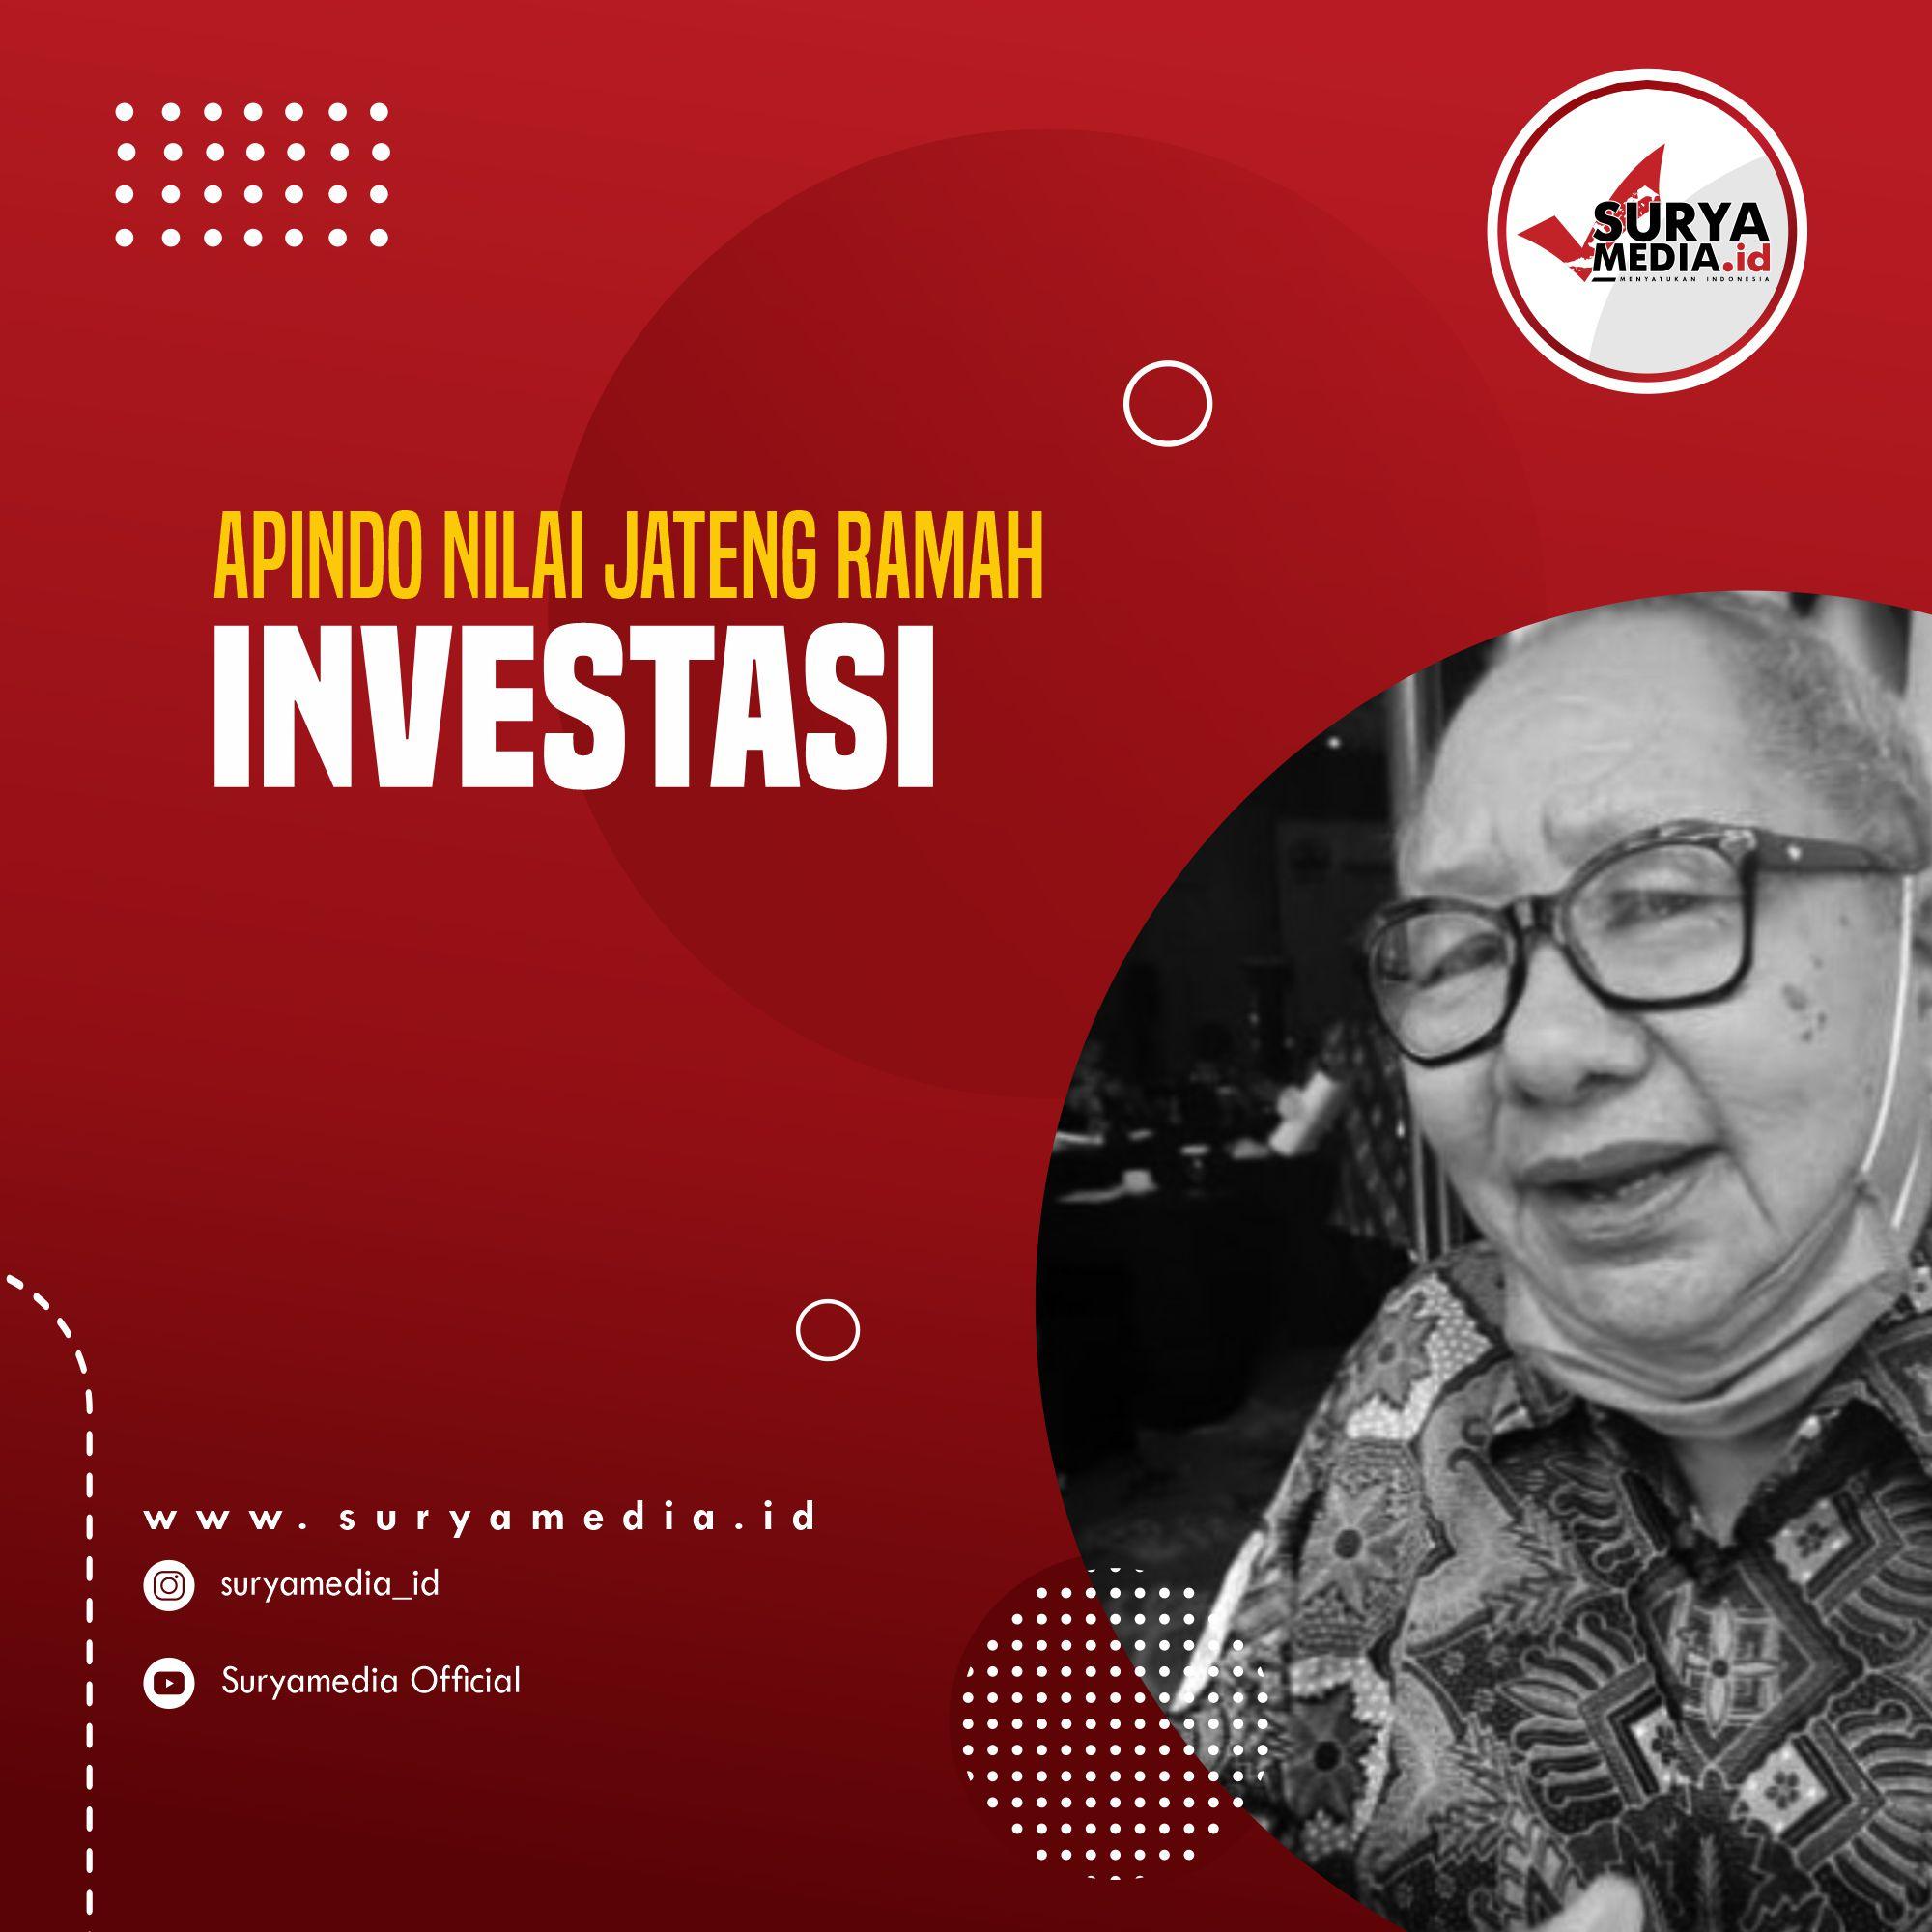 Apindo Nilai Jateng Ramah Investasi A